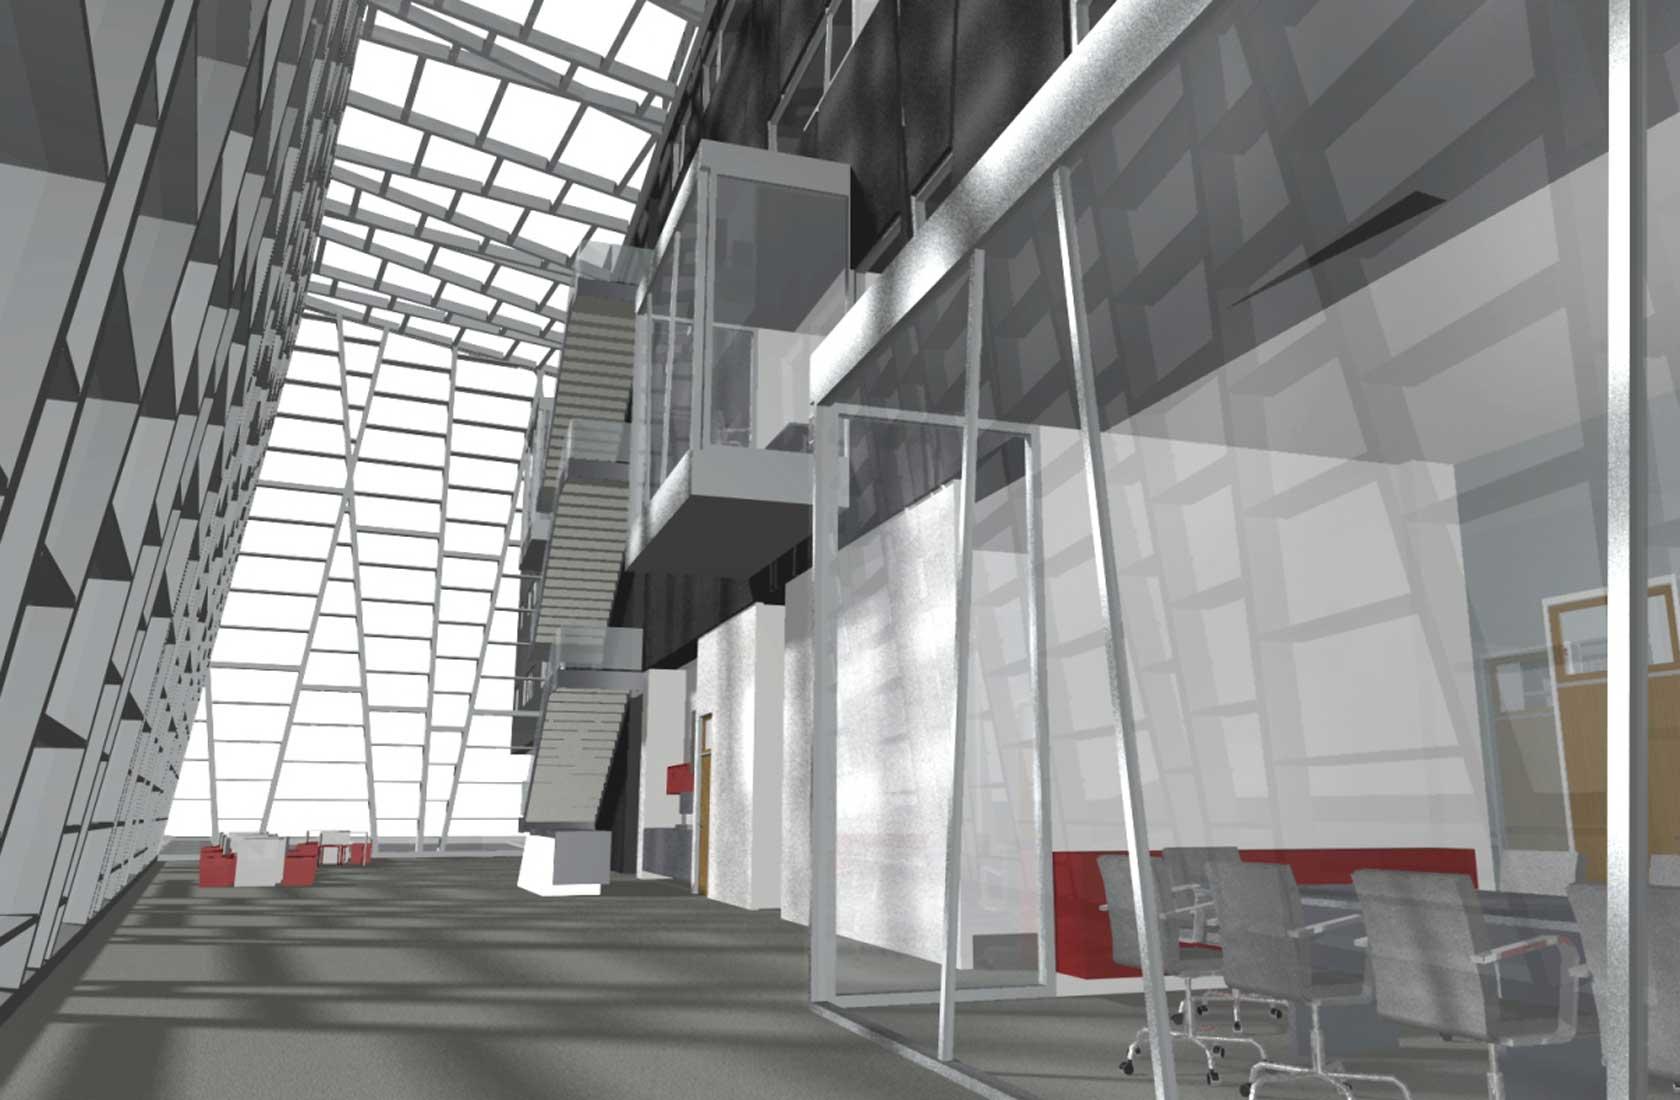 Arhitekturno oblikovanje interierja v javnih stavbah.